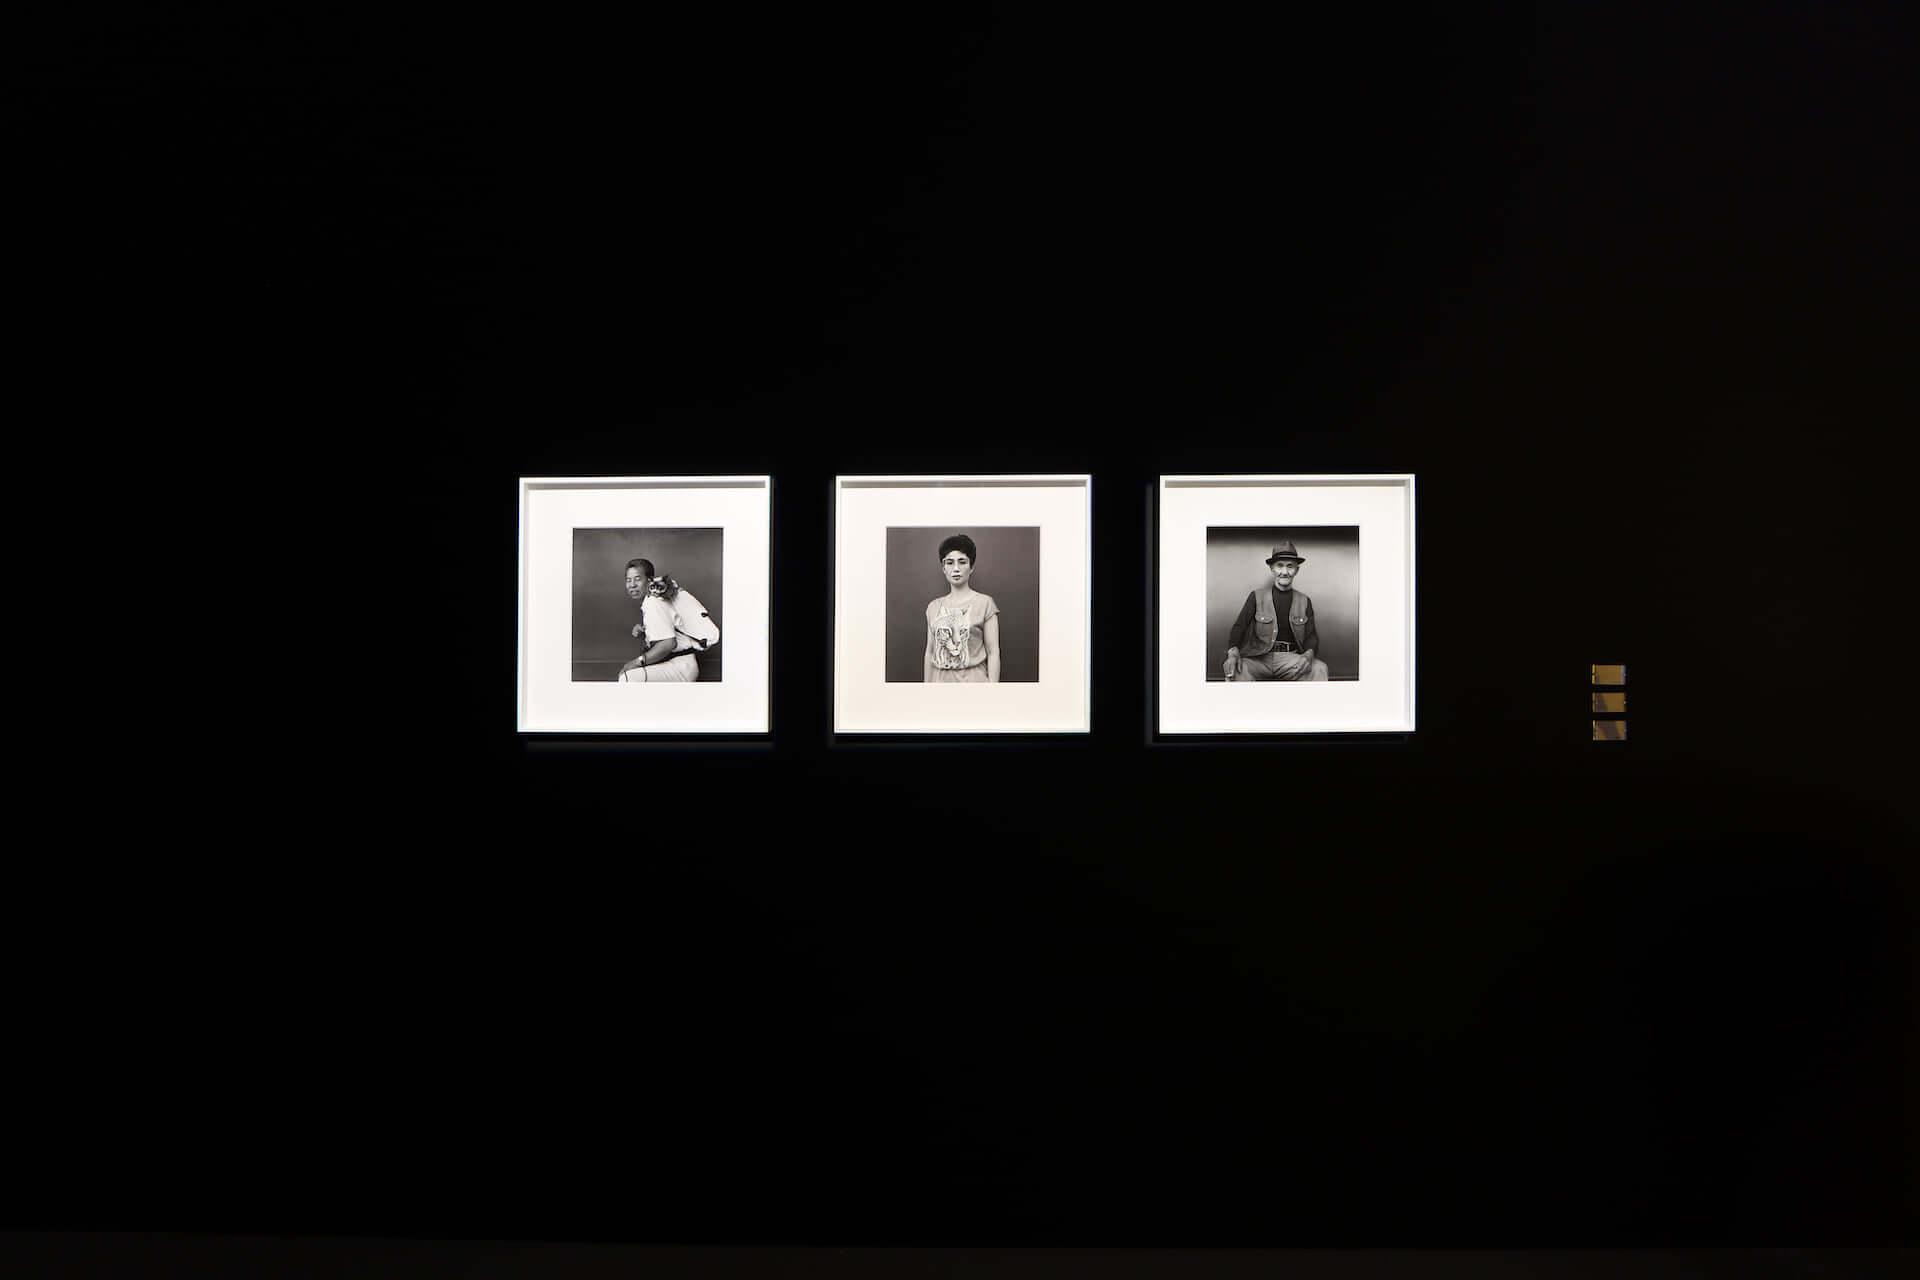 NANZUKAがキュレーションするグループ展<JP POP UNDERGROUND>が心斎橋PARCOにて開催中!田名網敬一、山口はるみ、YOSHIROTTENらが参加 art201125_nanzuka-jpu_8-1920x1280